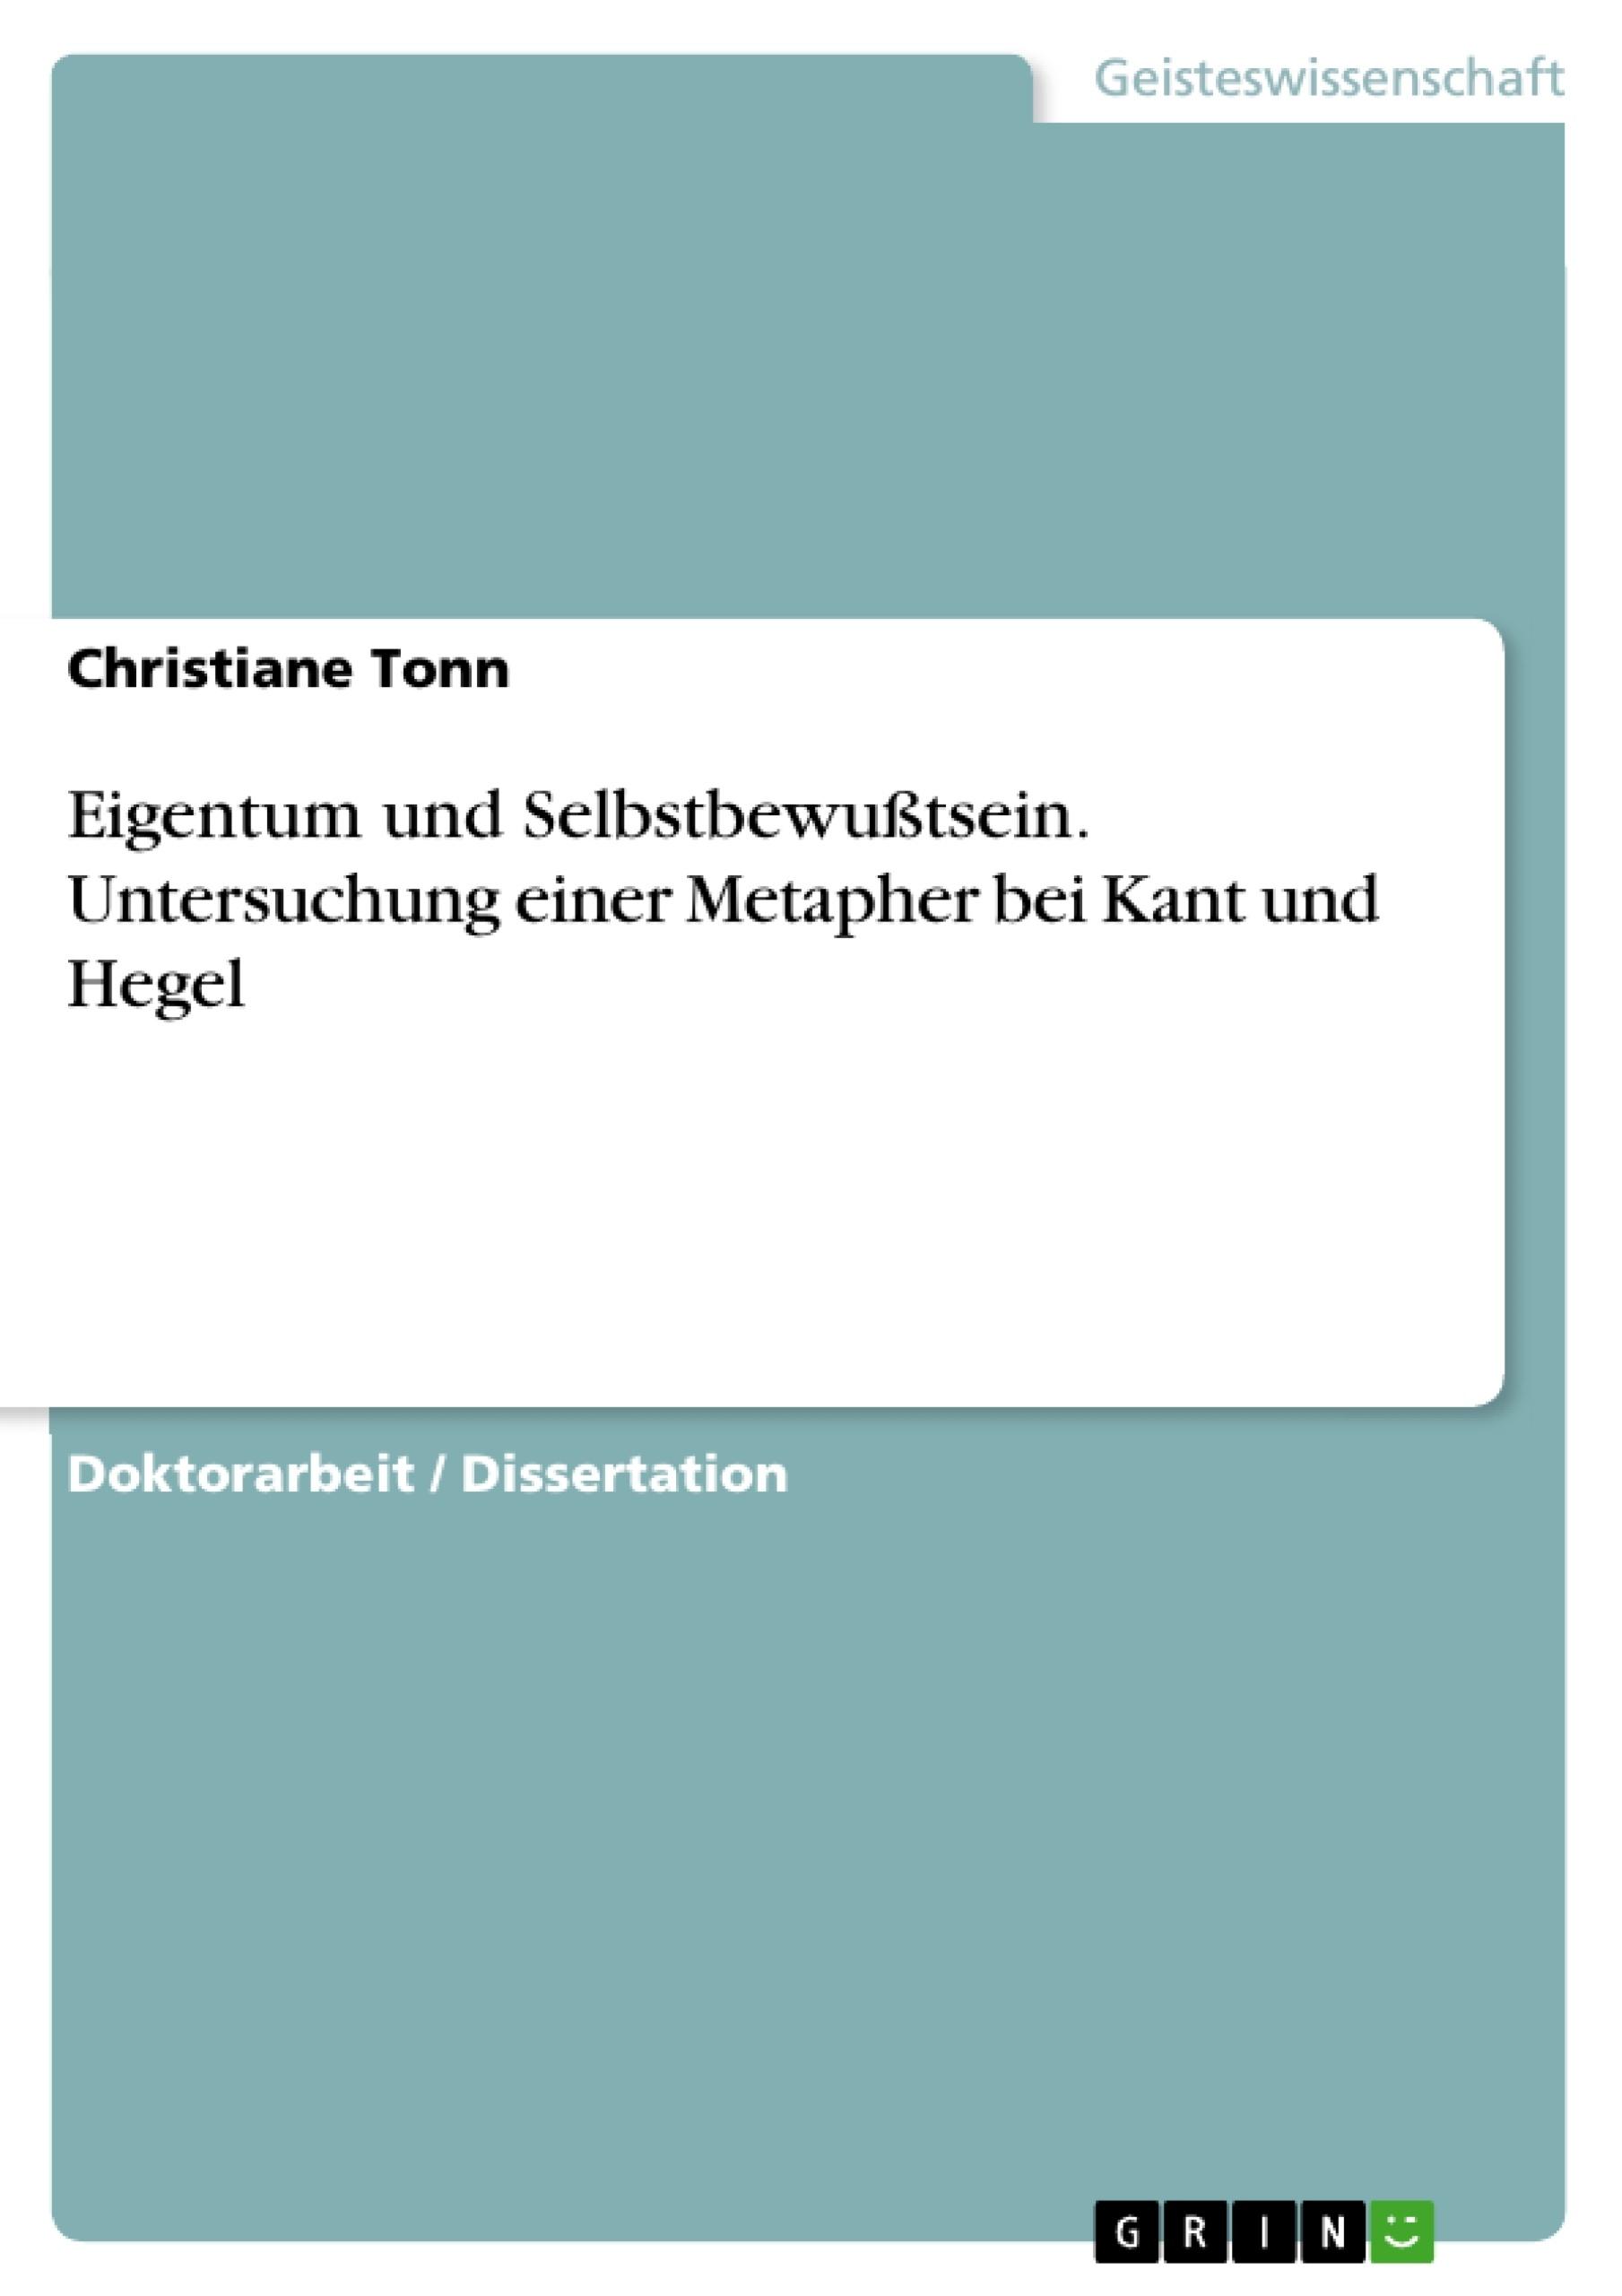 Titel: Eigentum und Selbstbewußtsein. Untersuchung einer Metapher bei Kant und Hegel